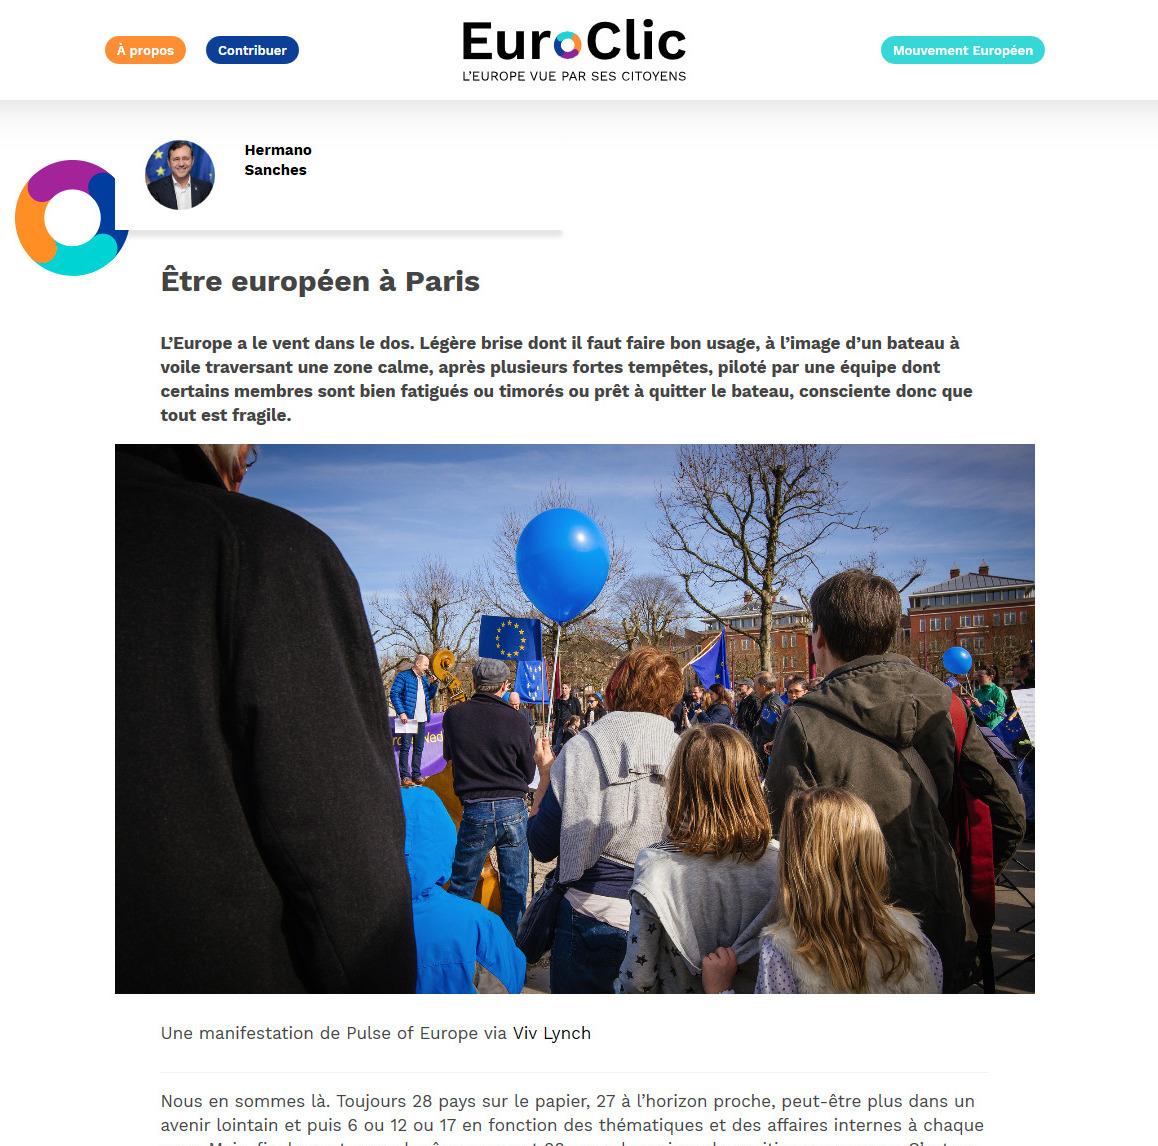 screenshot-euroclic.mouvement-europeen.eu-2018-03-25-13-41-29.jpg